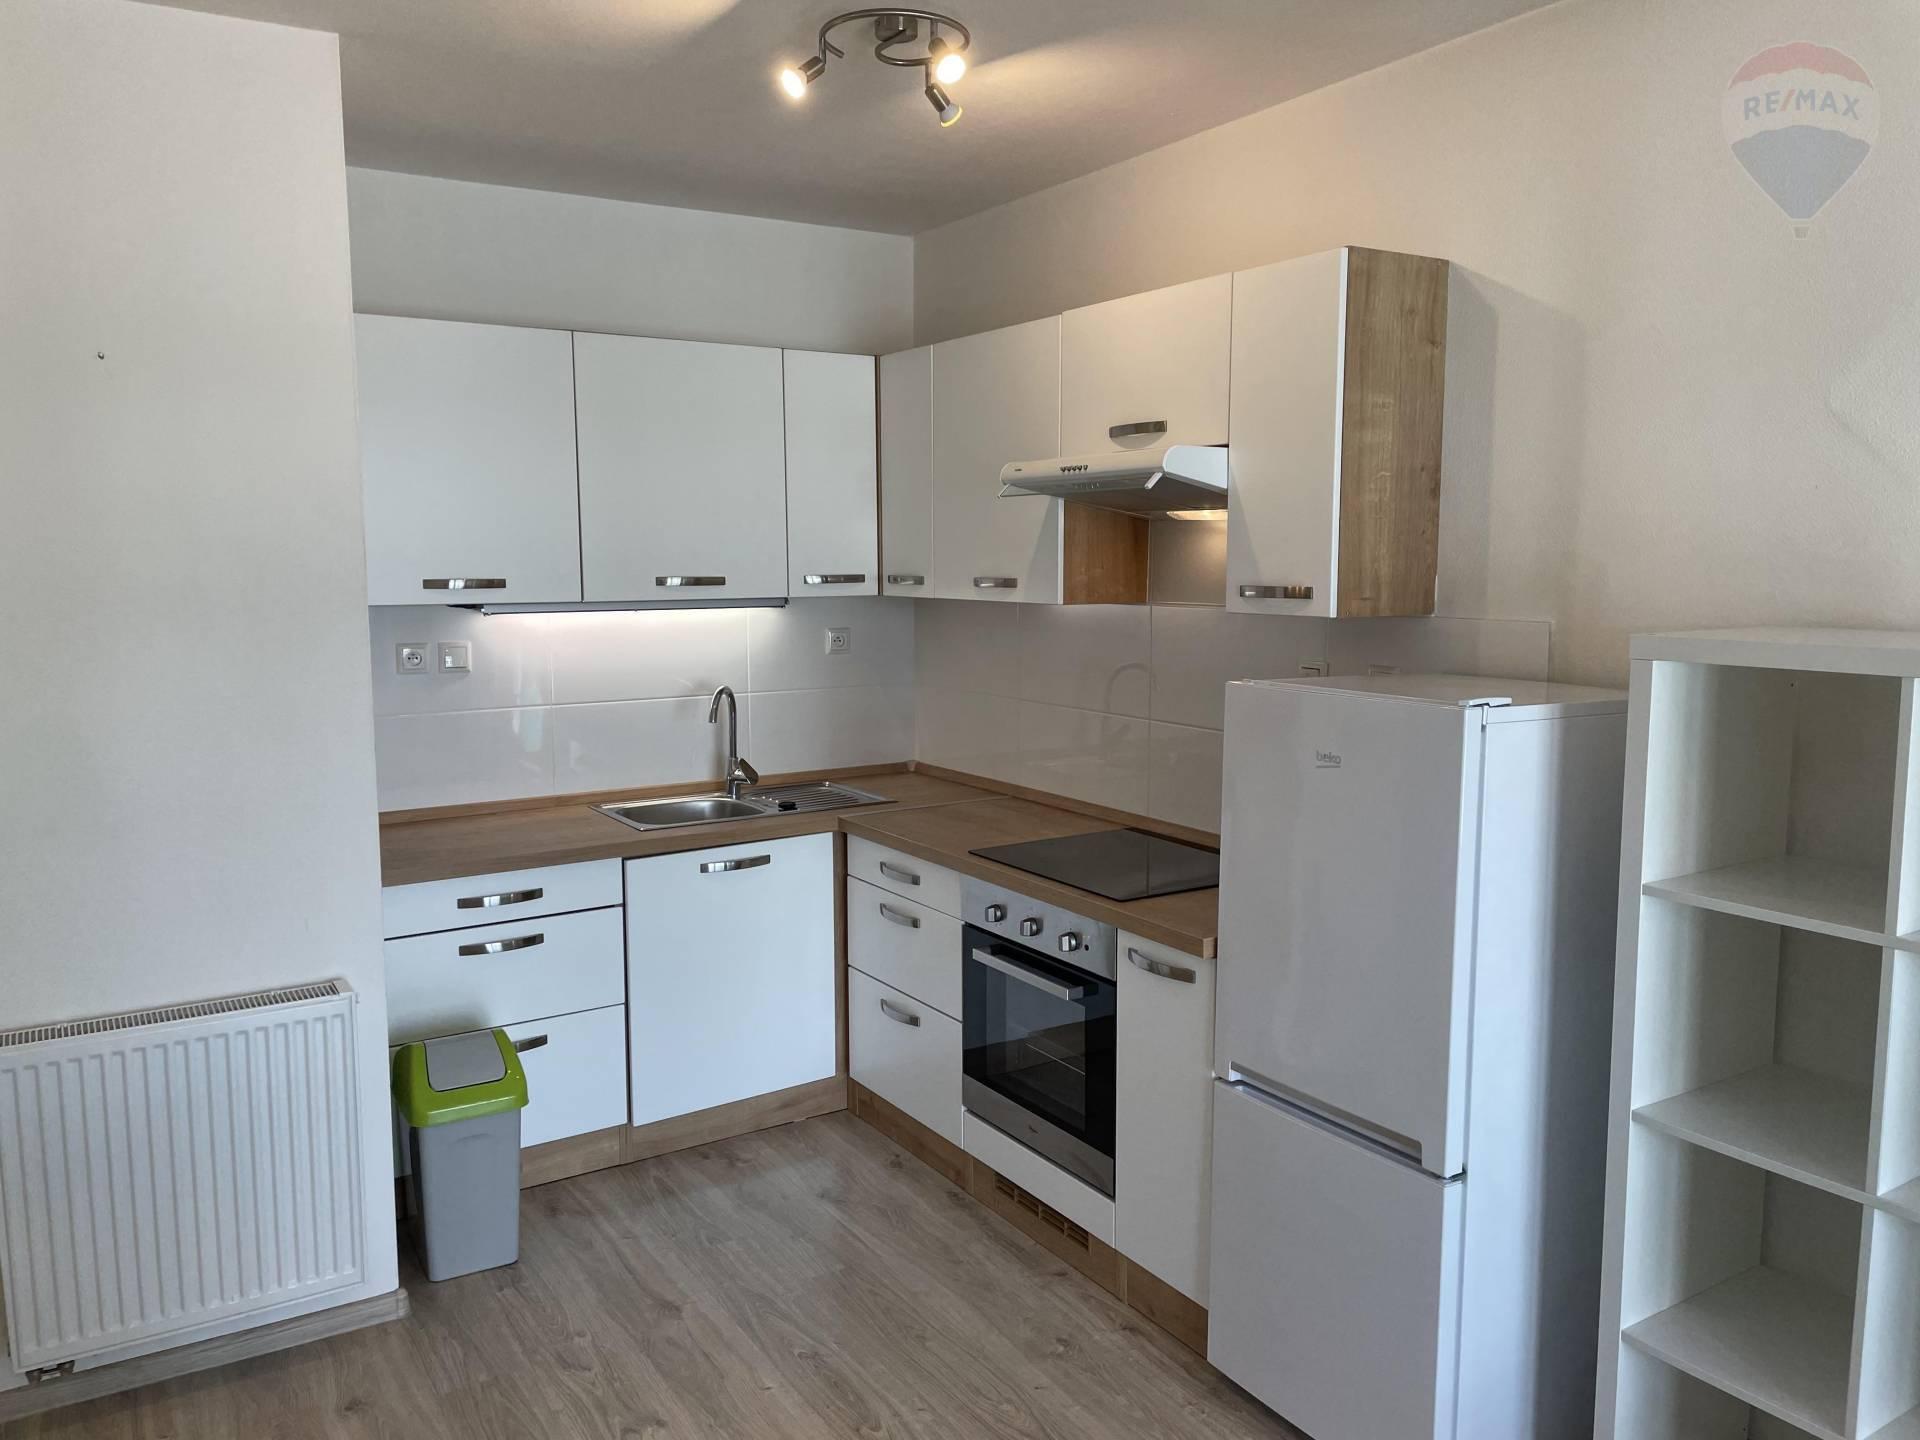 Prenájom 2 izbového bytu v novostavbe 403